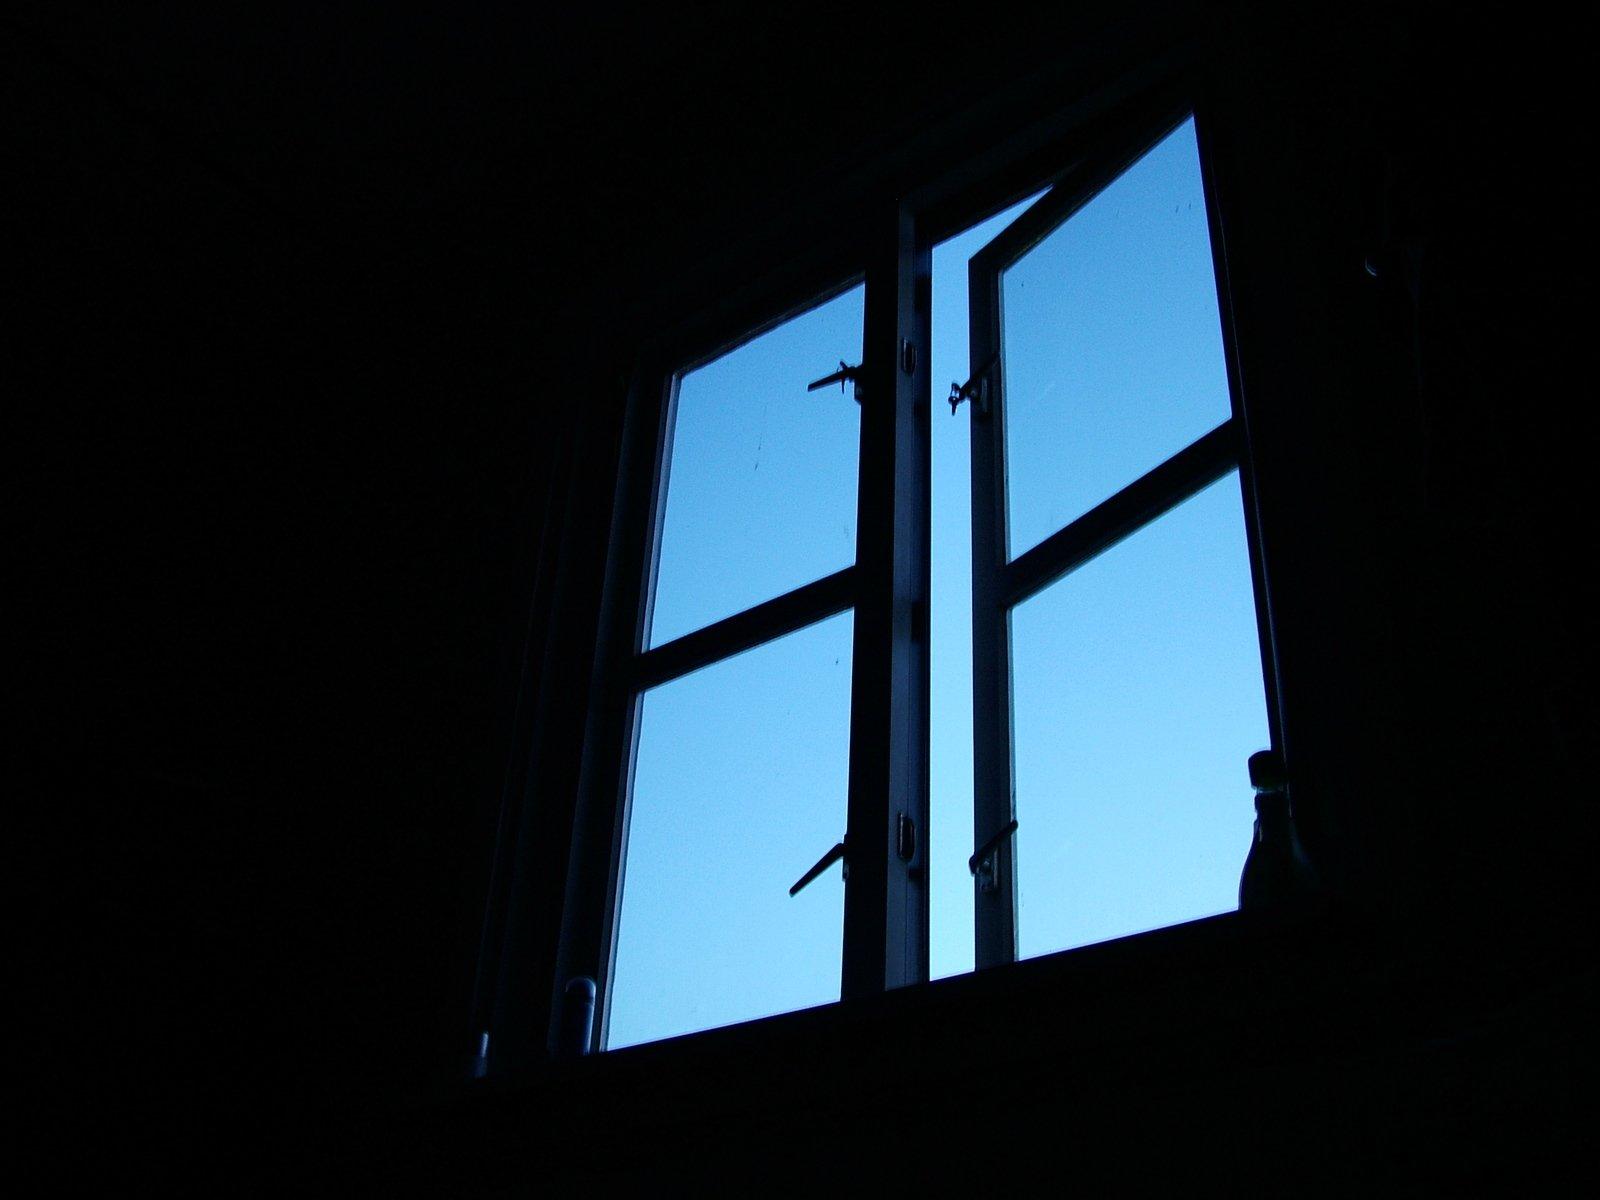 Астраханец, выпавший из окна пятого этажа, скончался в больнице